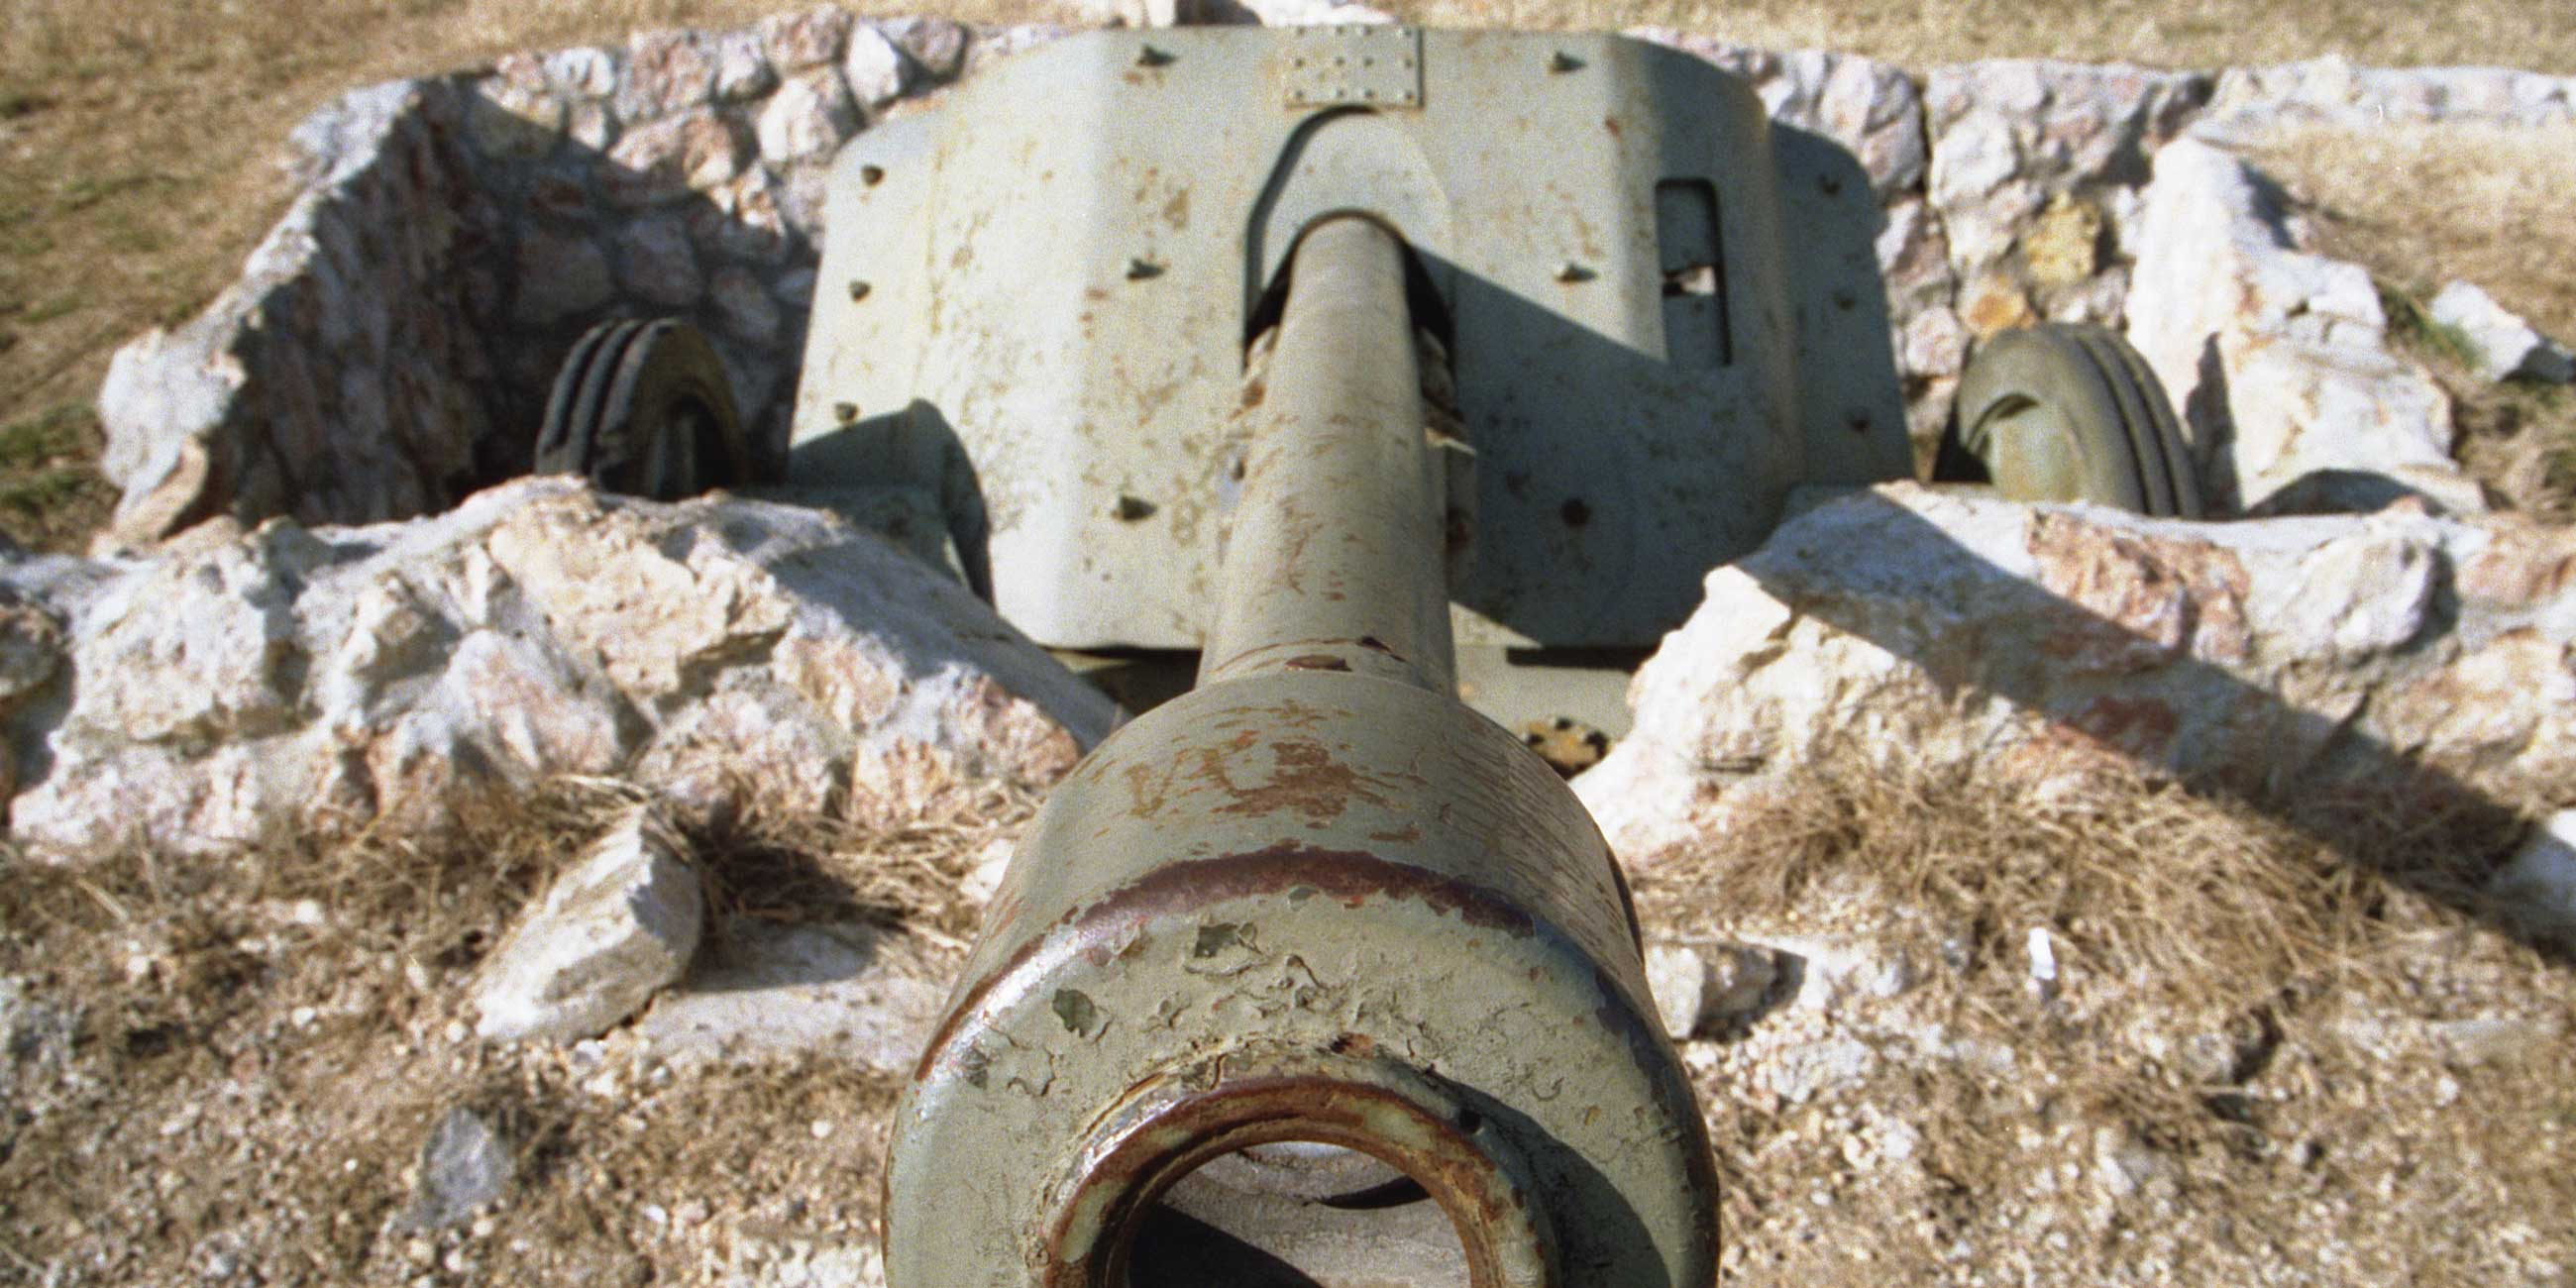 Военную технику на Сапун-гору привозили со складов в течение 20 летФото: globallookpress.com